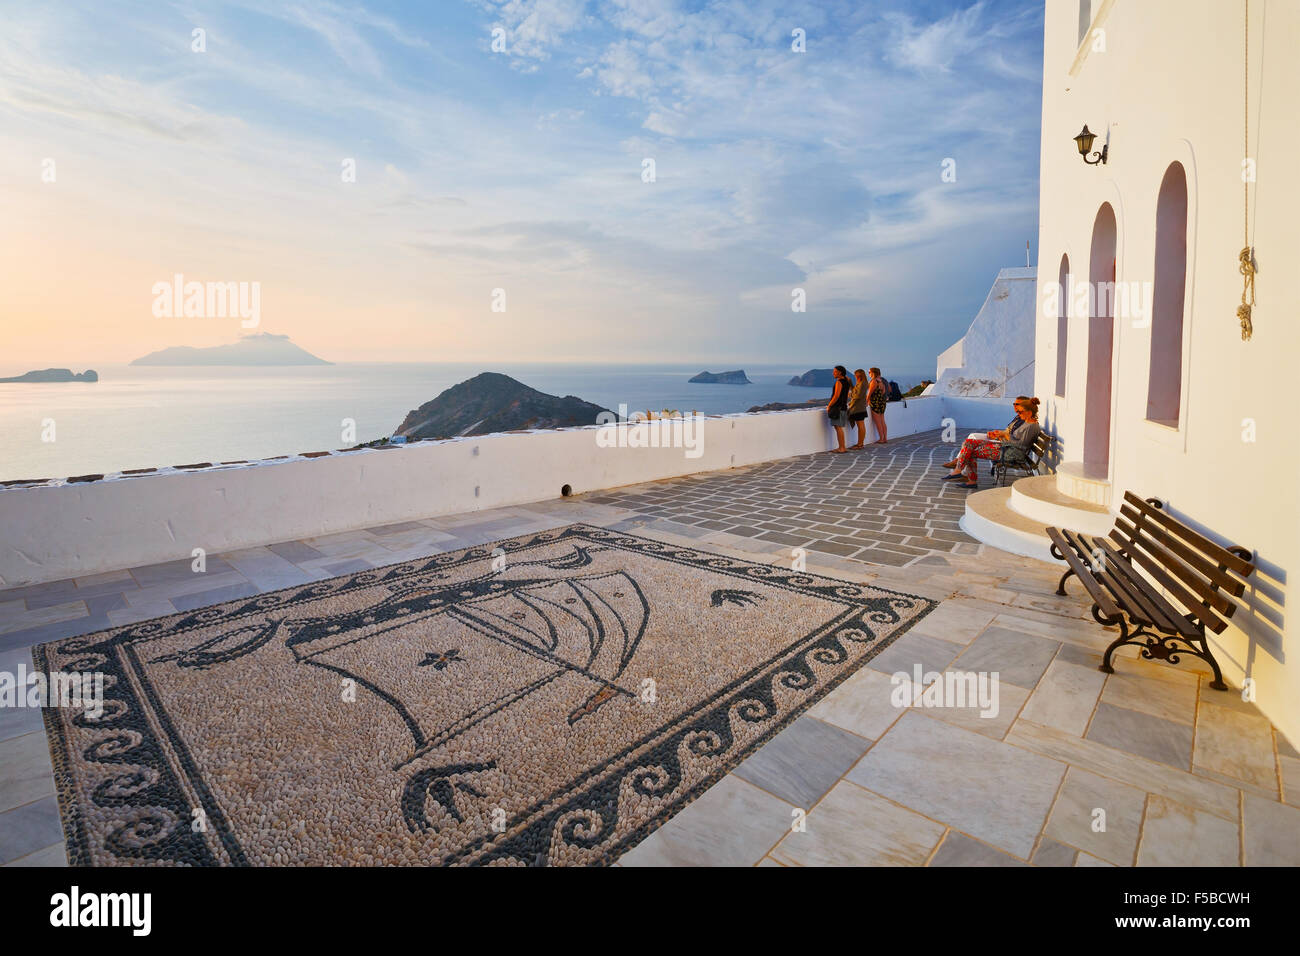 La gente seduta su una panchina nel villaggio di Plaka sull isola di Milos, Grecia Immagini Stock